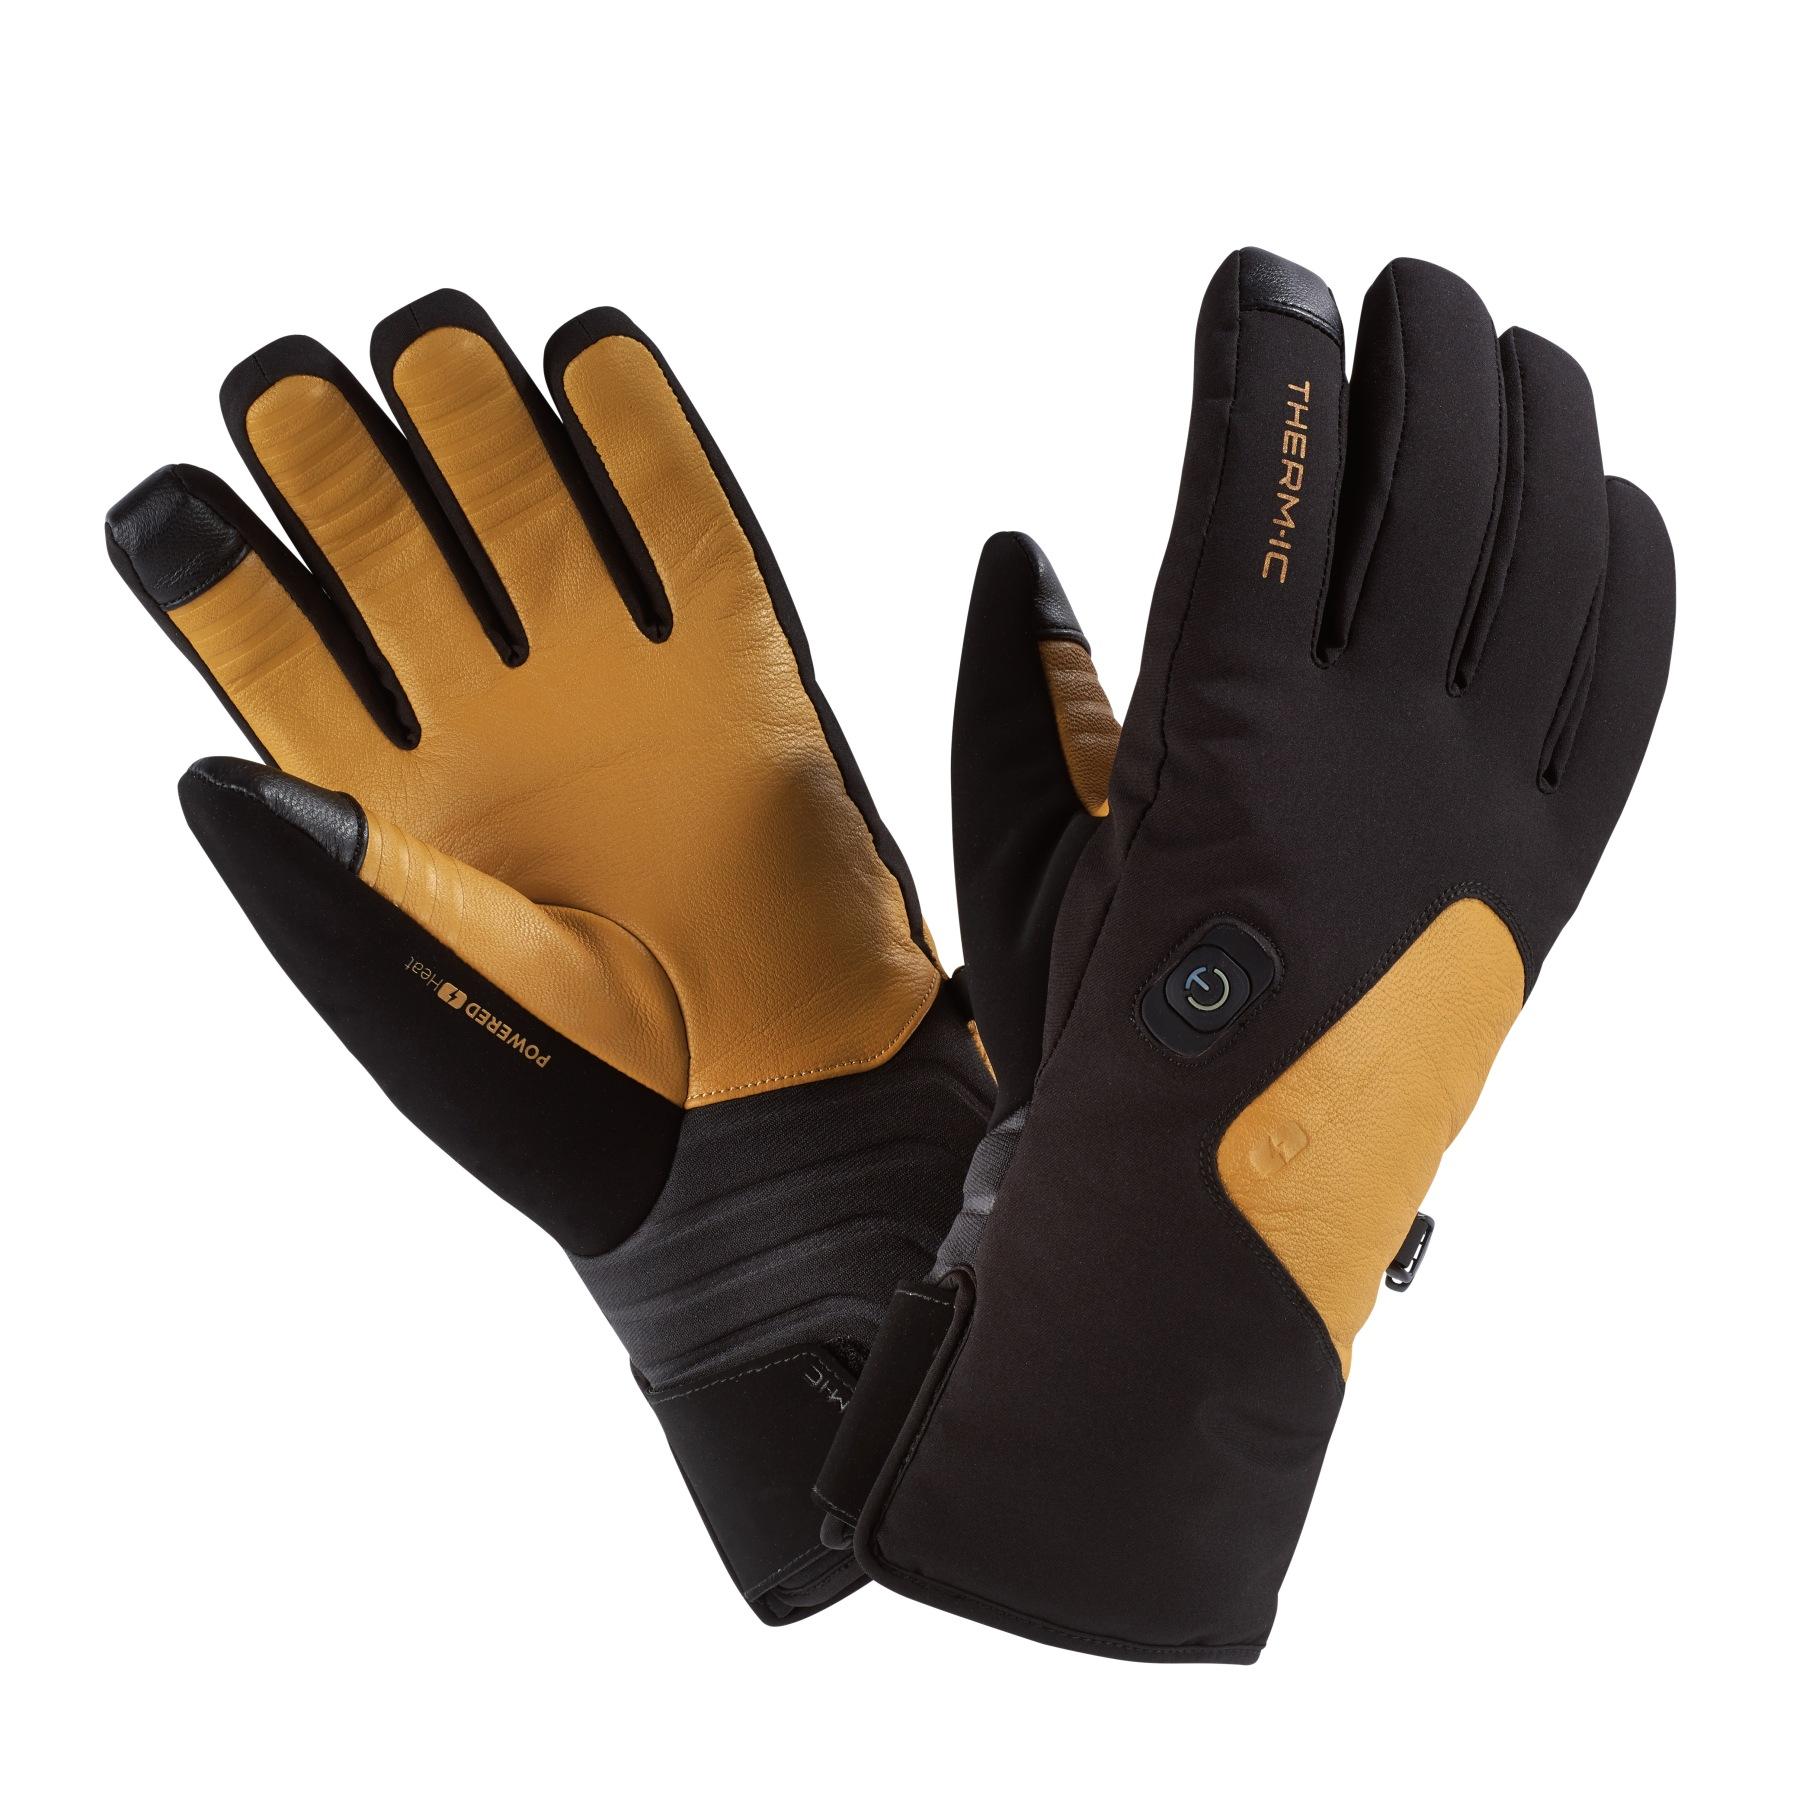 Bild von therm-ic Power Gloves Ski Light Beheizbare Handschuhe - Schwarz